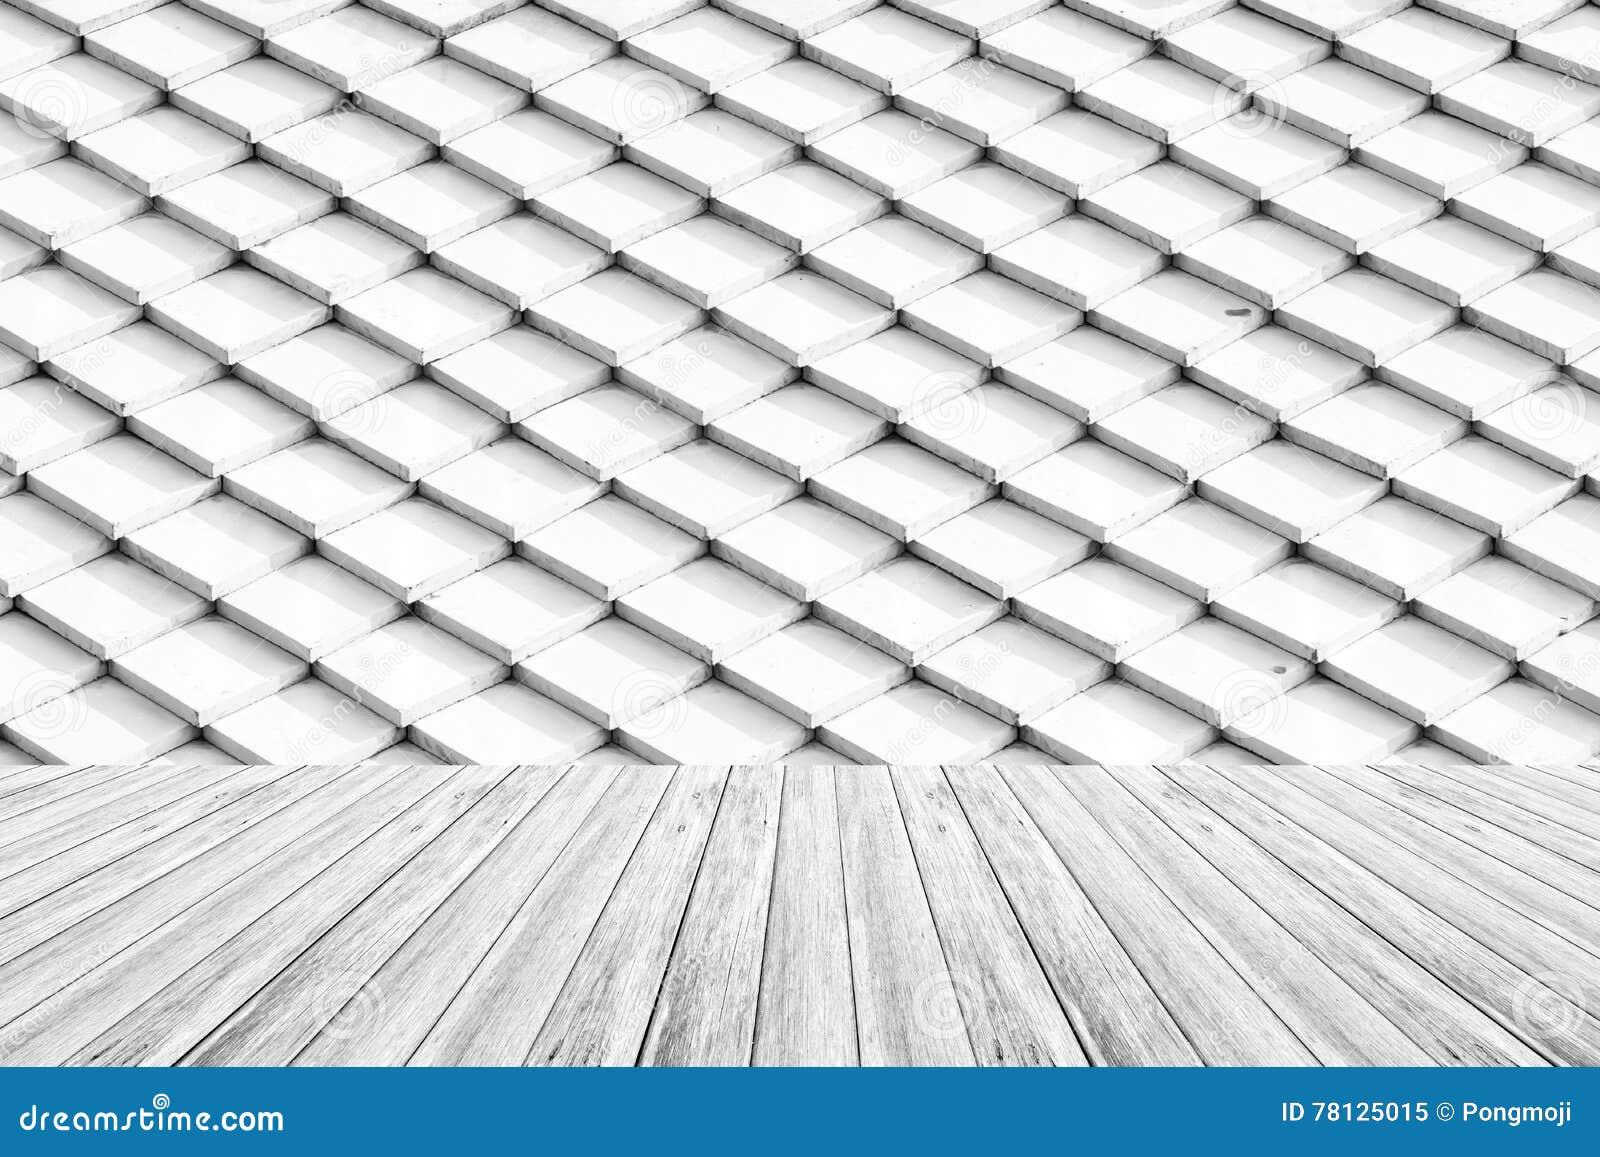 Surface De Texture De Toit De Tuile Avec La Terrasse En Bois